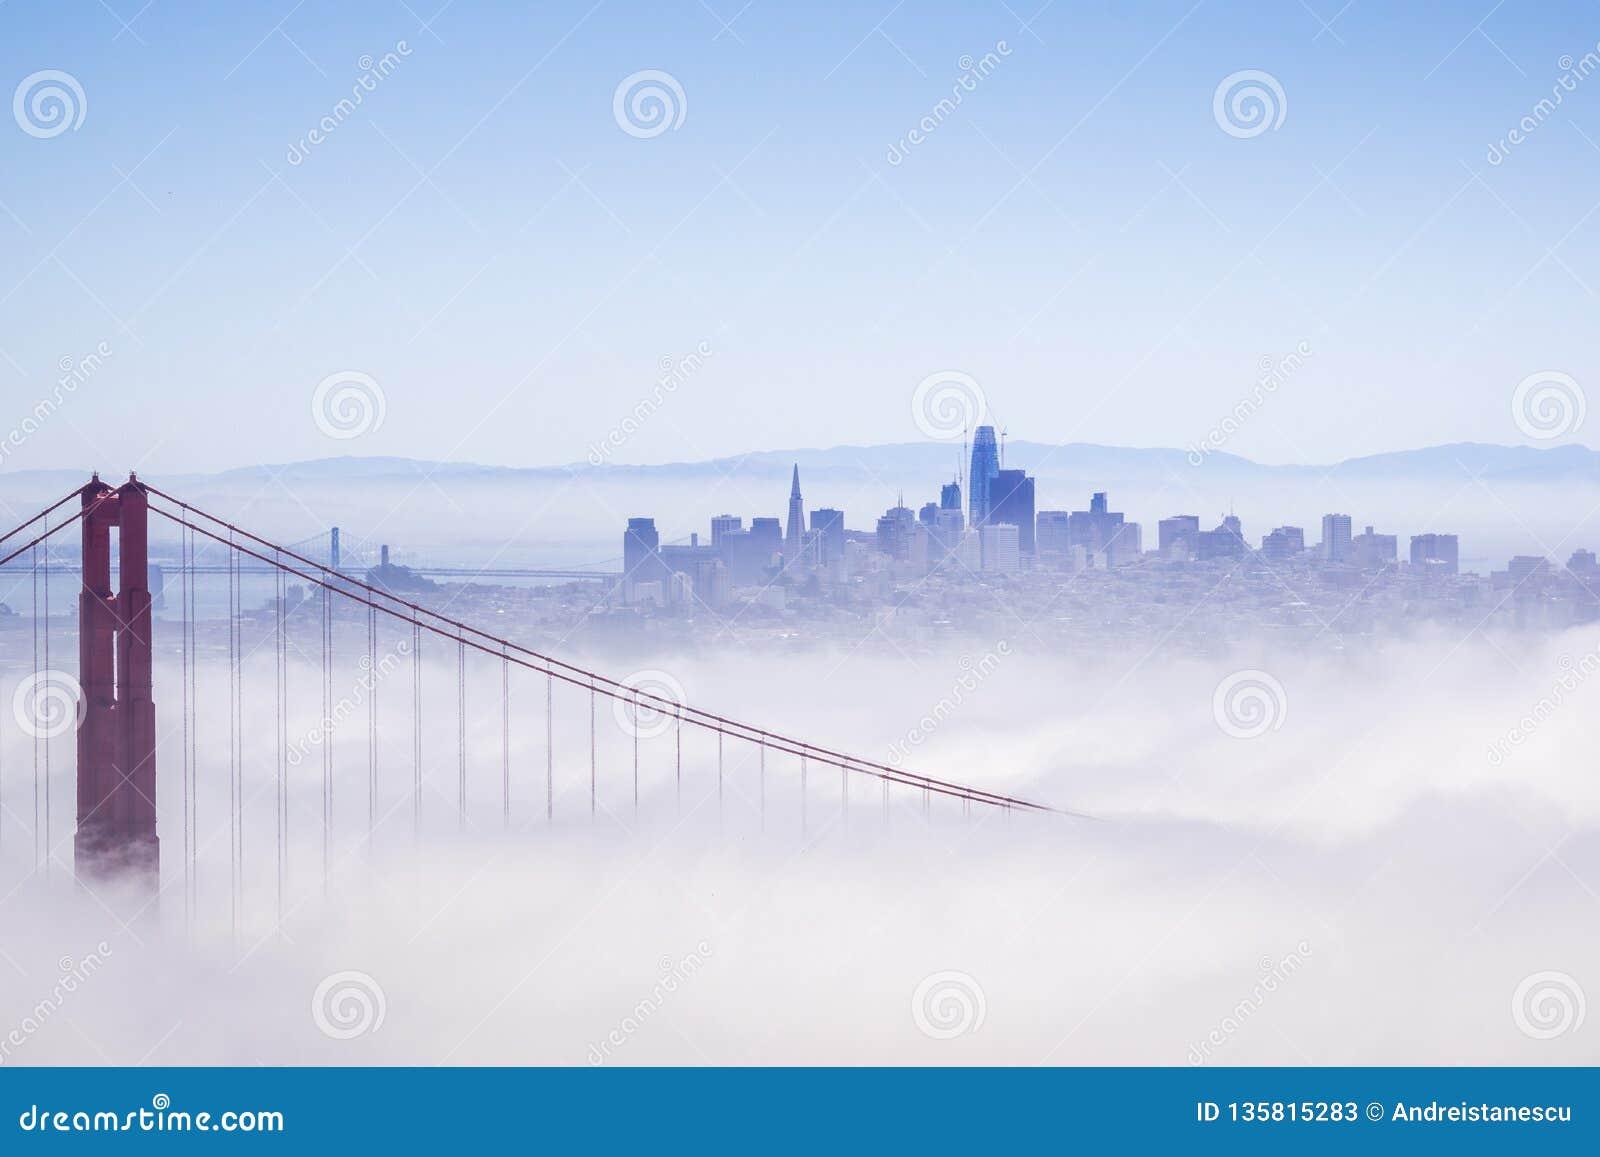 Golden Gate e o San Francisco Bay coberto pela névoa, a skyline financeira do distrito no fundo, como visto do Marín